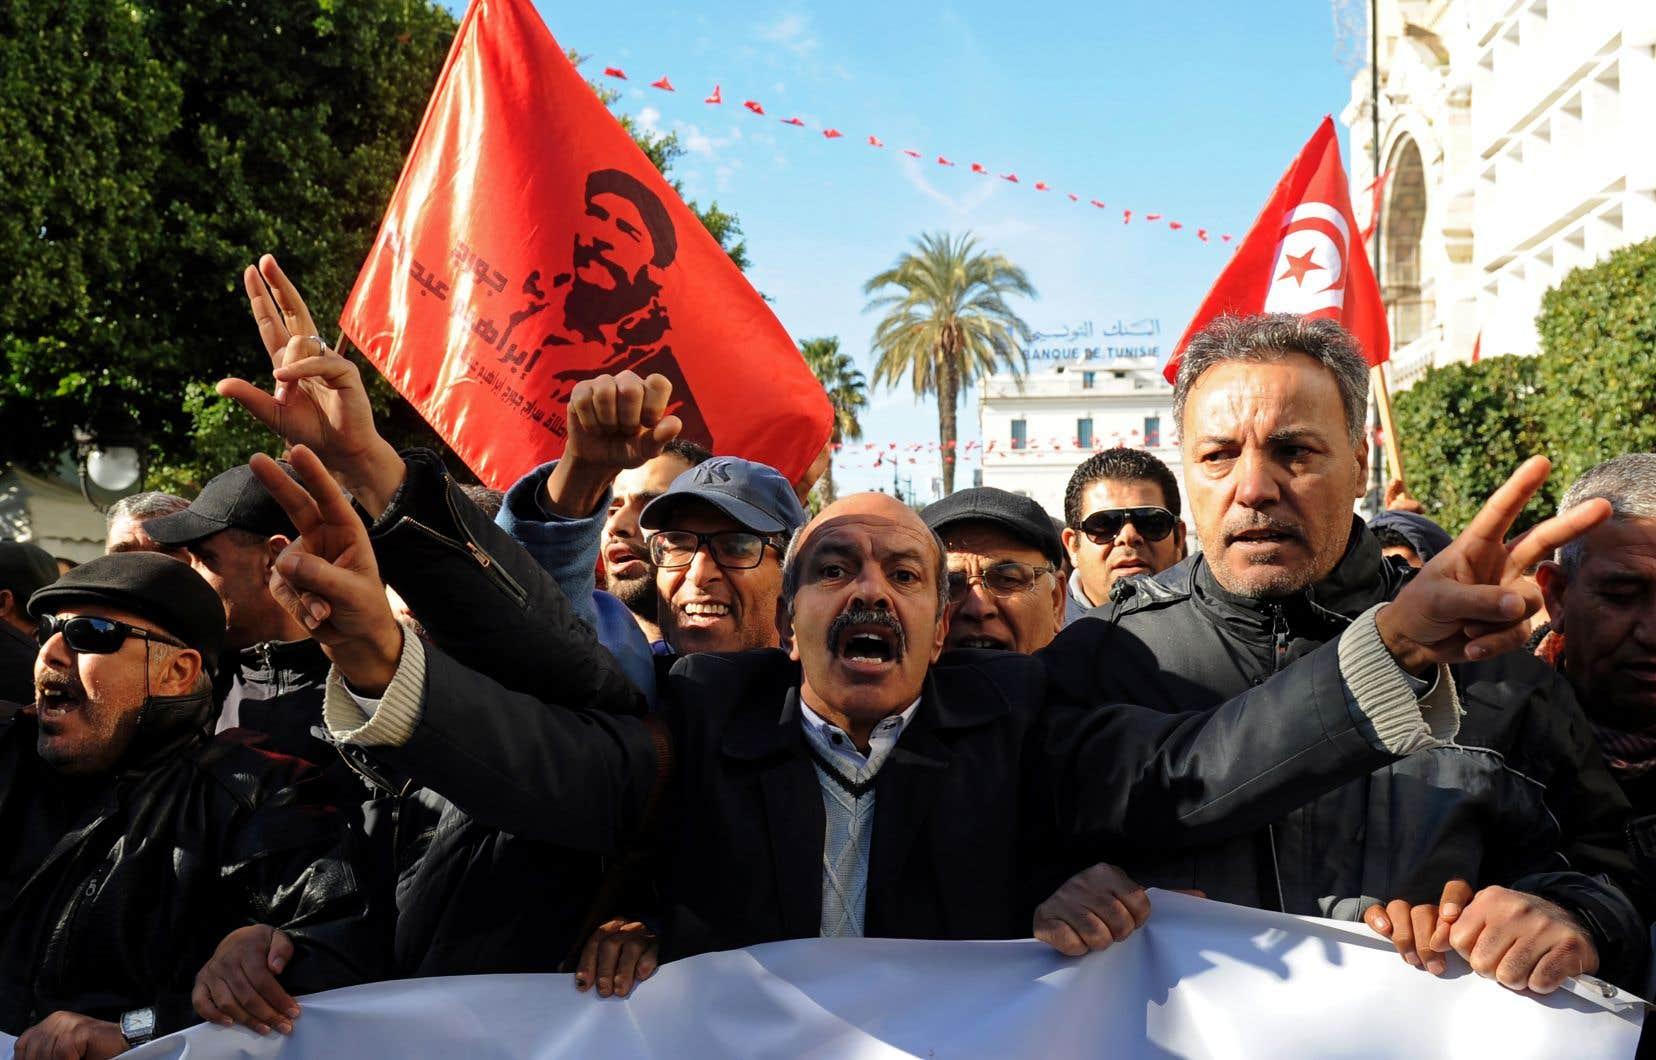 Le mouvement de contestation sociale a démarré début janvier par des manifestations sporadiques dans plusieurs villes du pays.